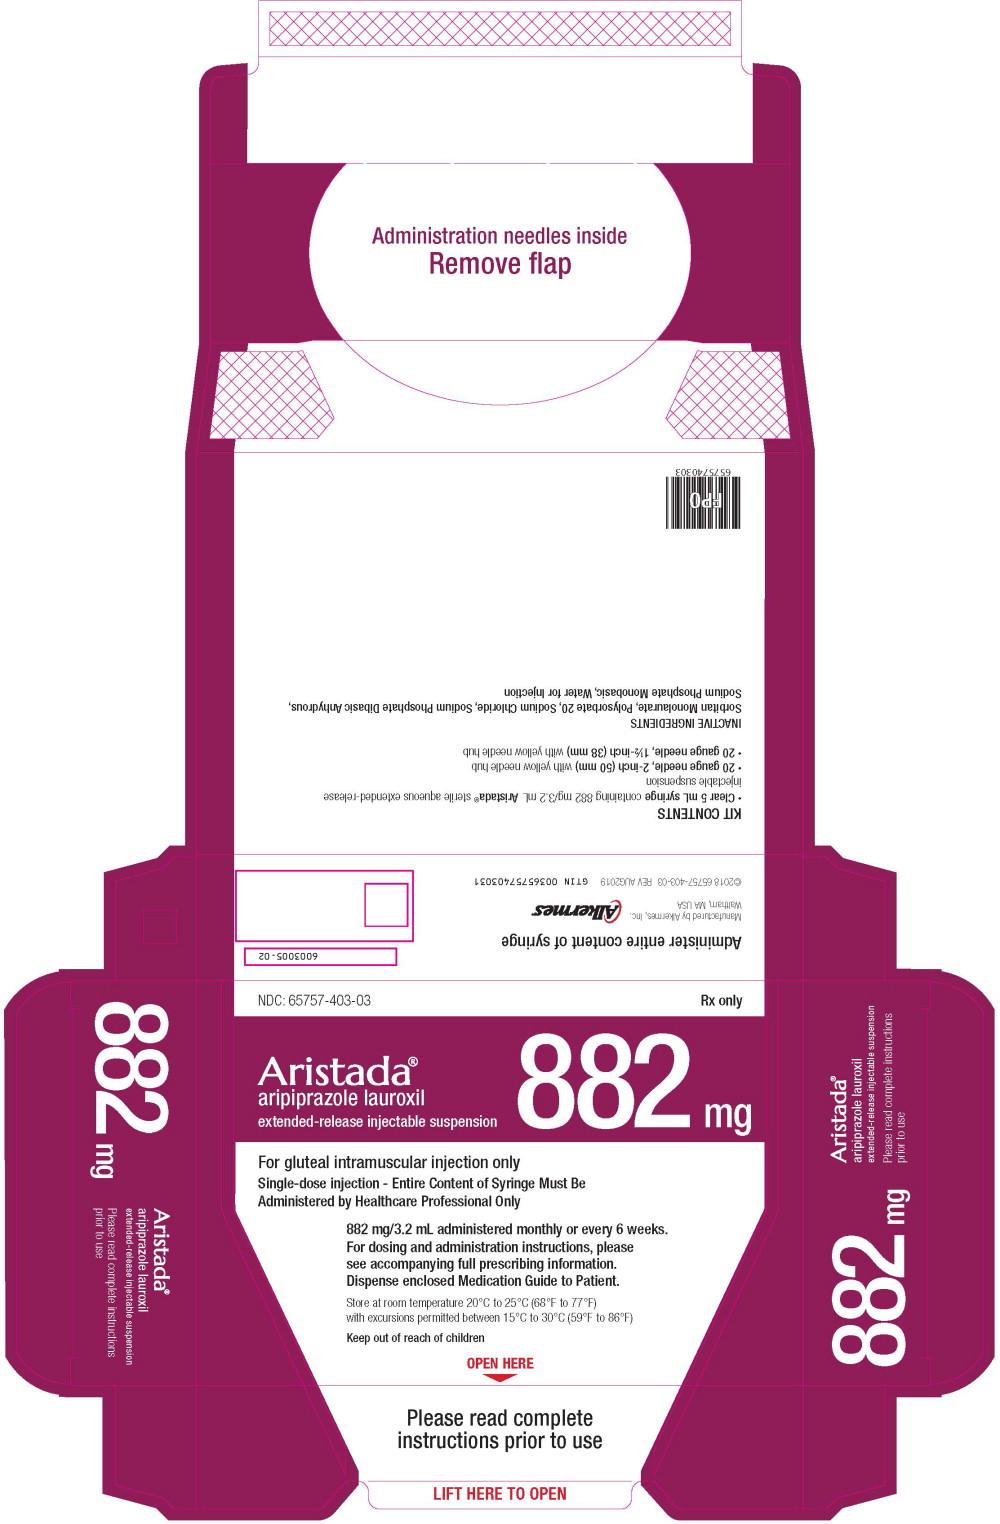 Principal Display Panel - 882 mg/3.2 mL Carton Label